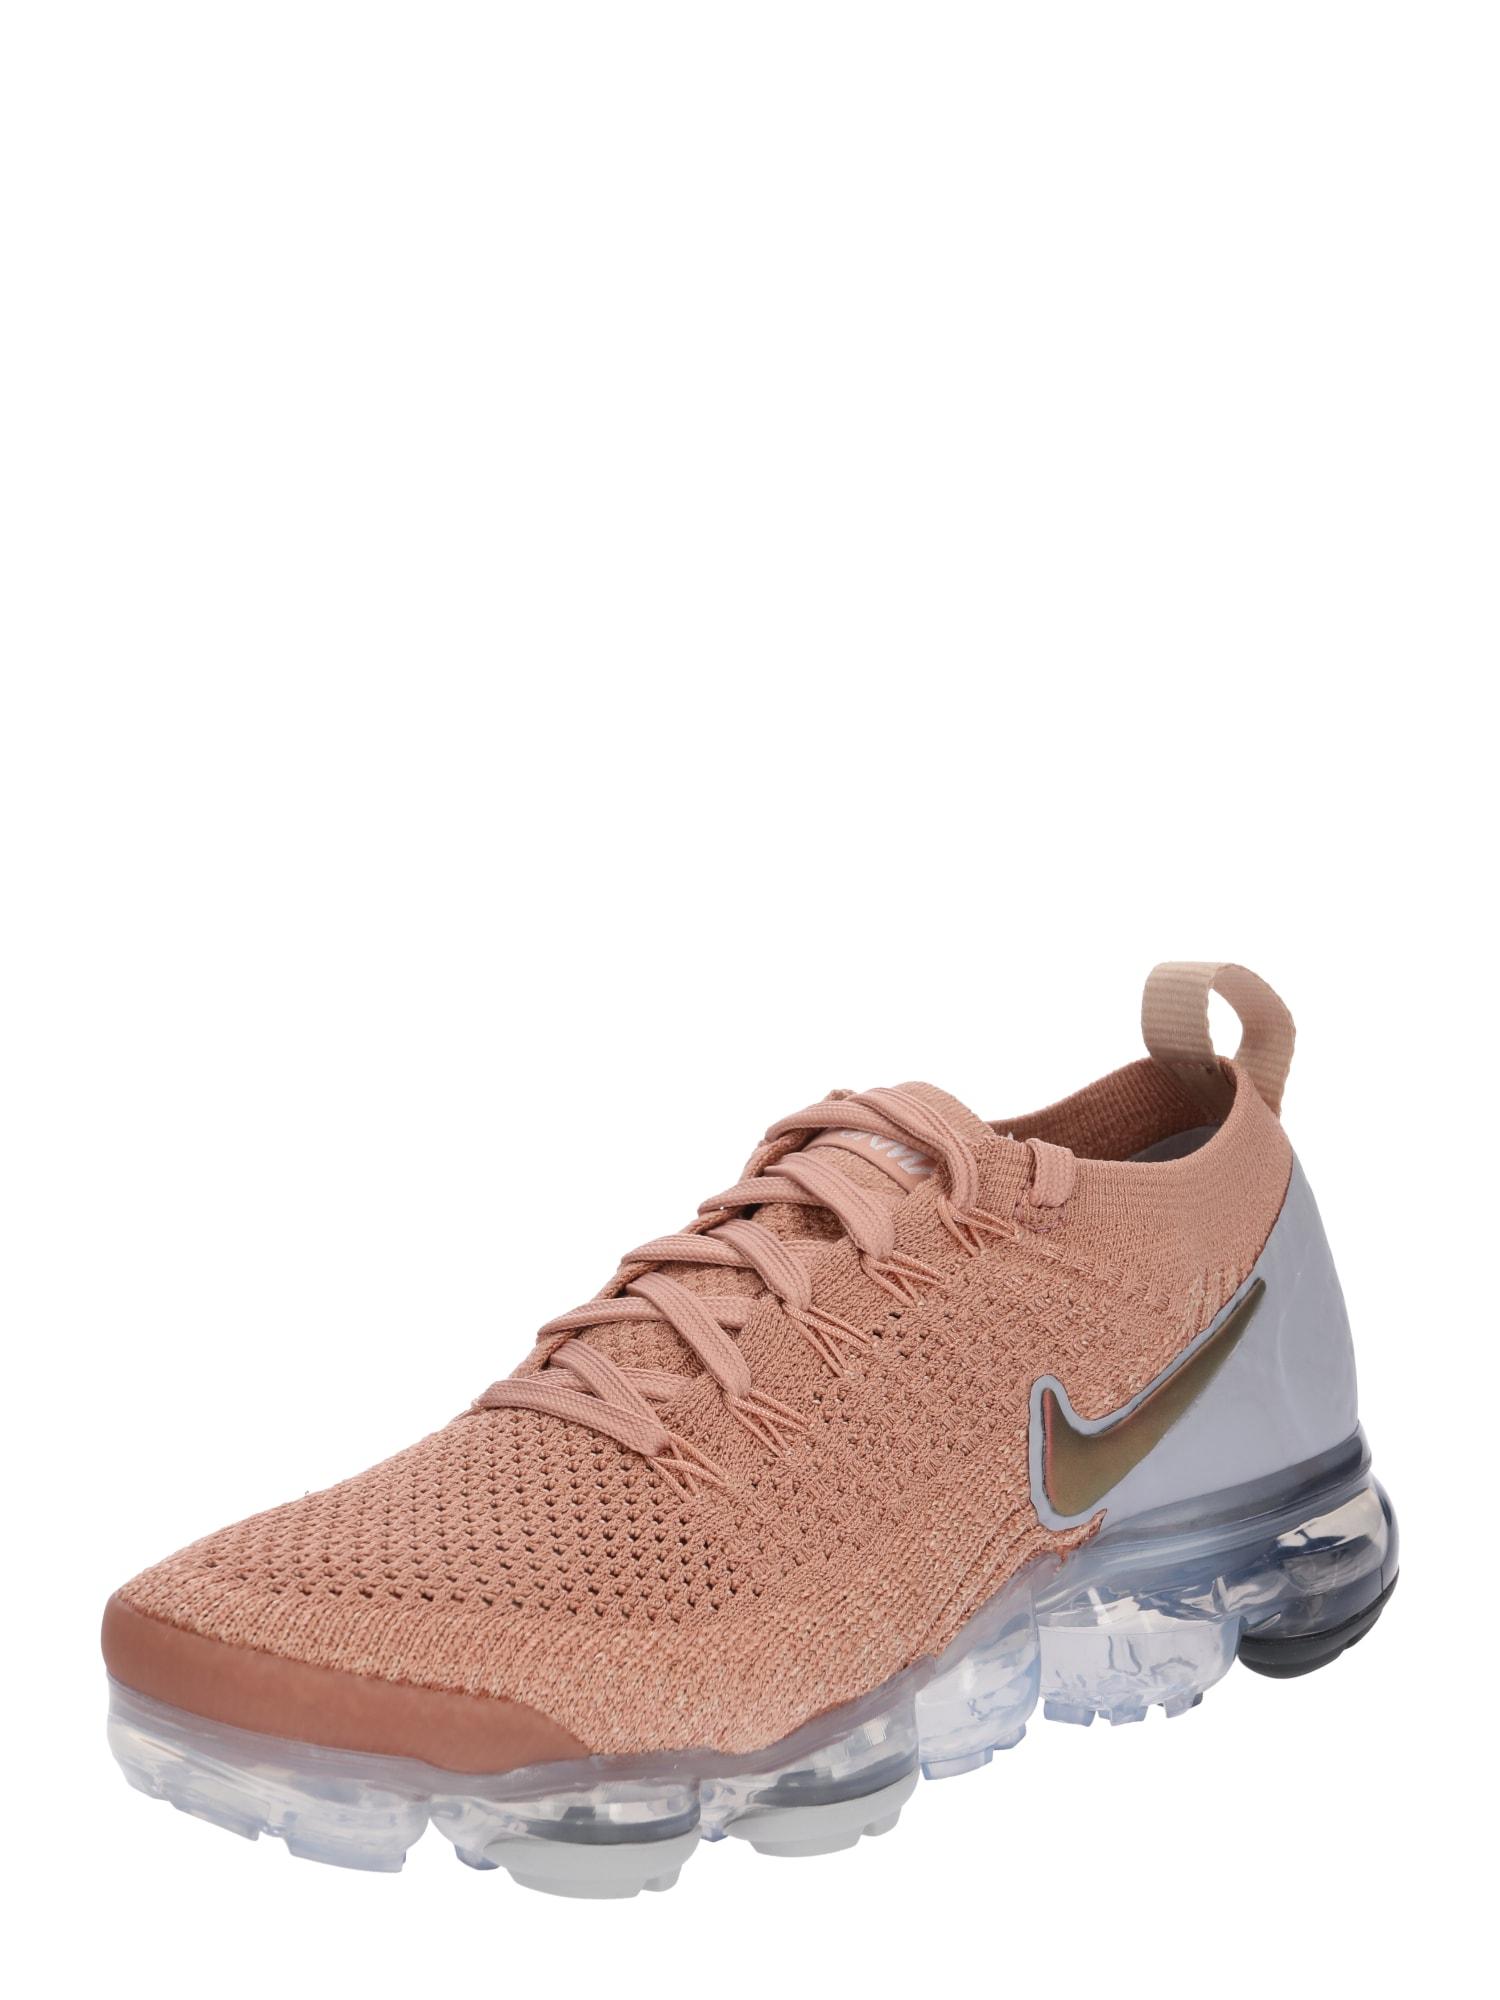 Běžecká obuv Nike Air VaporMax Flyknit 2 růžová NIKE